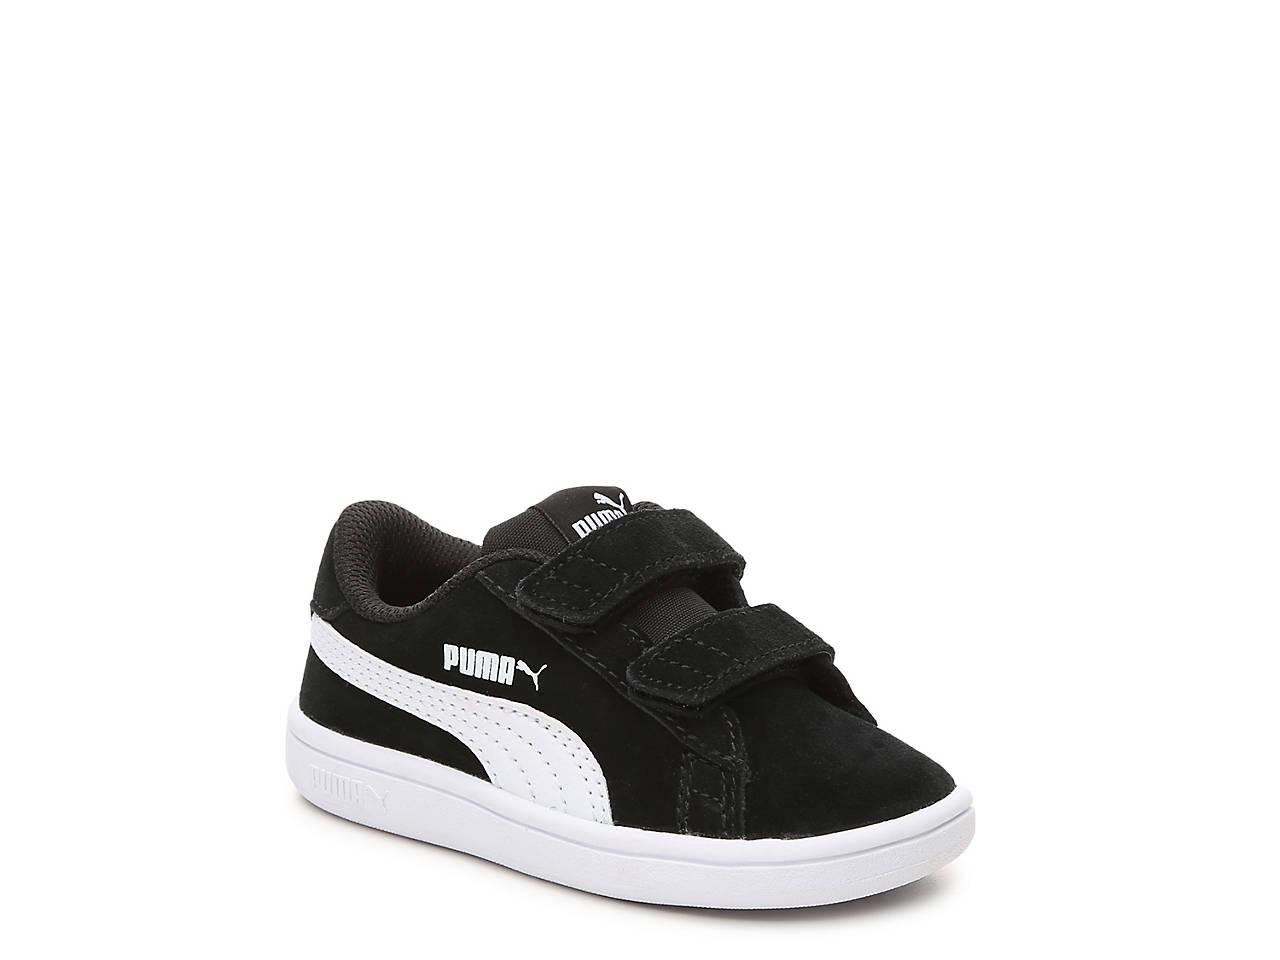 dd434642b459 Puma Smash V2 Infant   Toddler Sneaker Kids Shoes